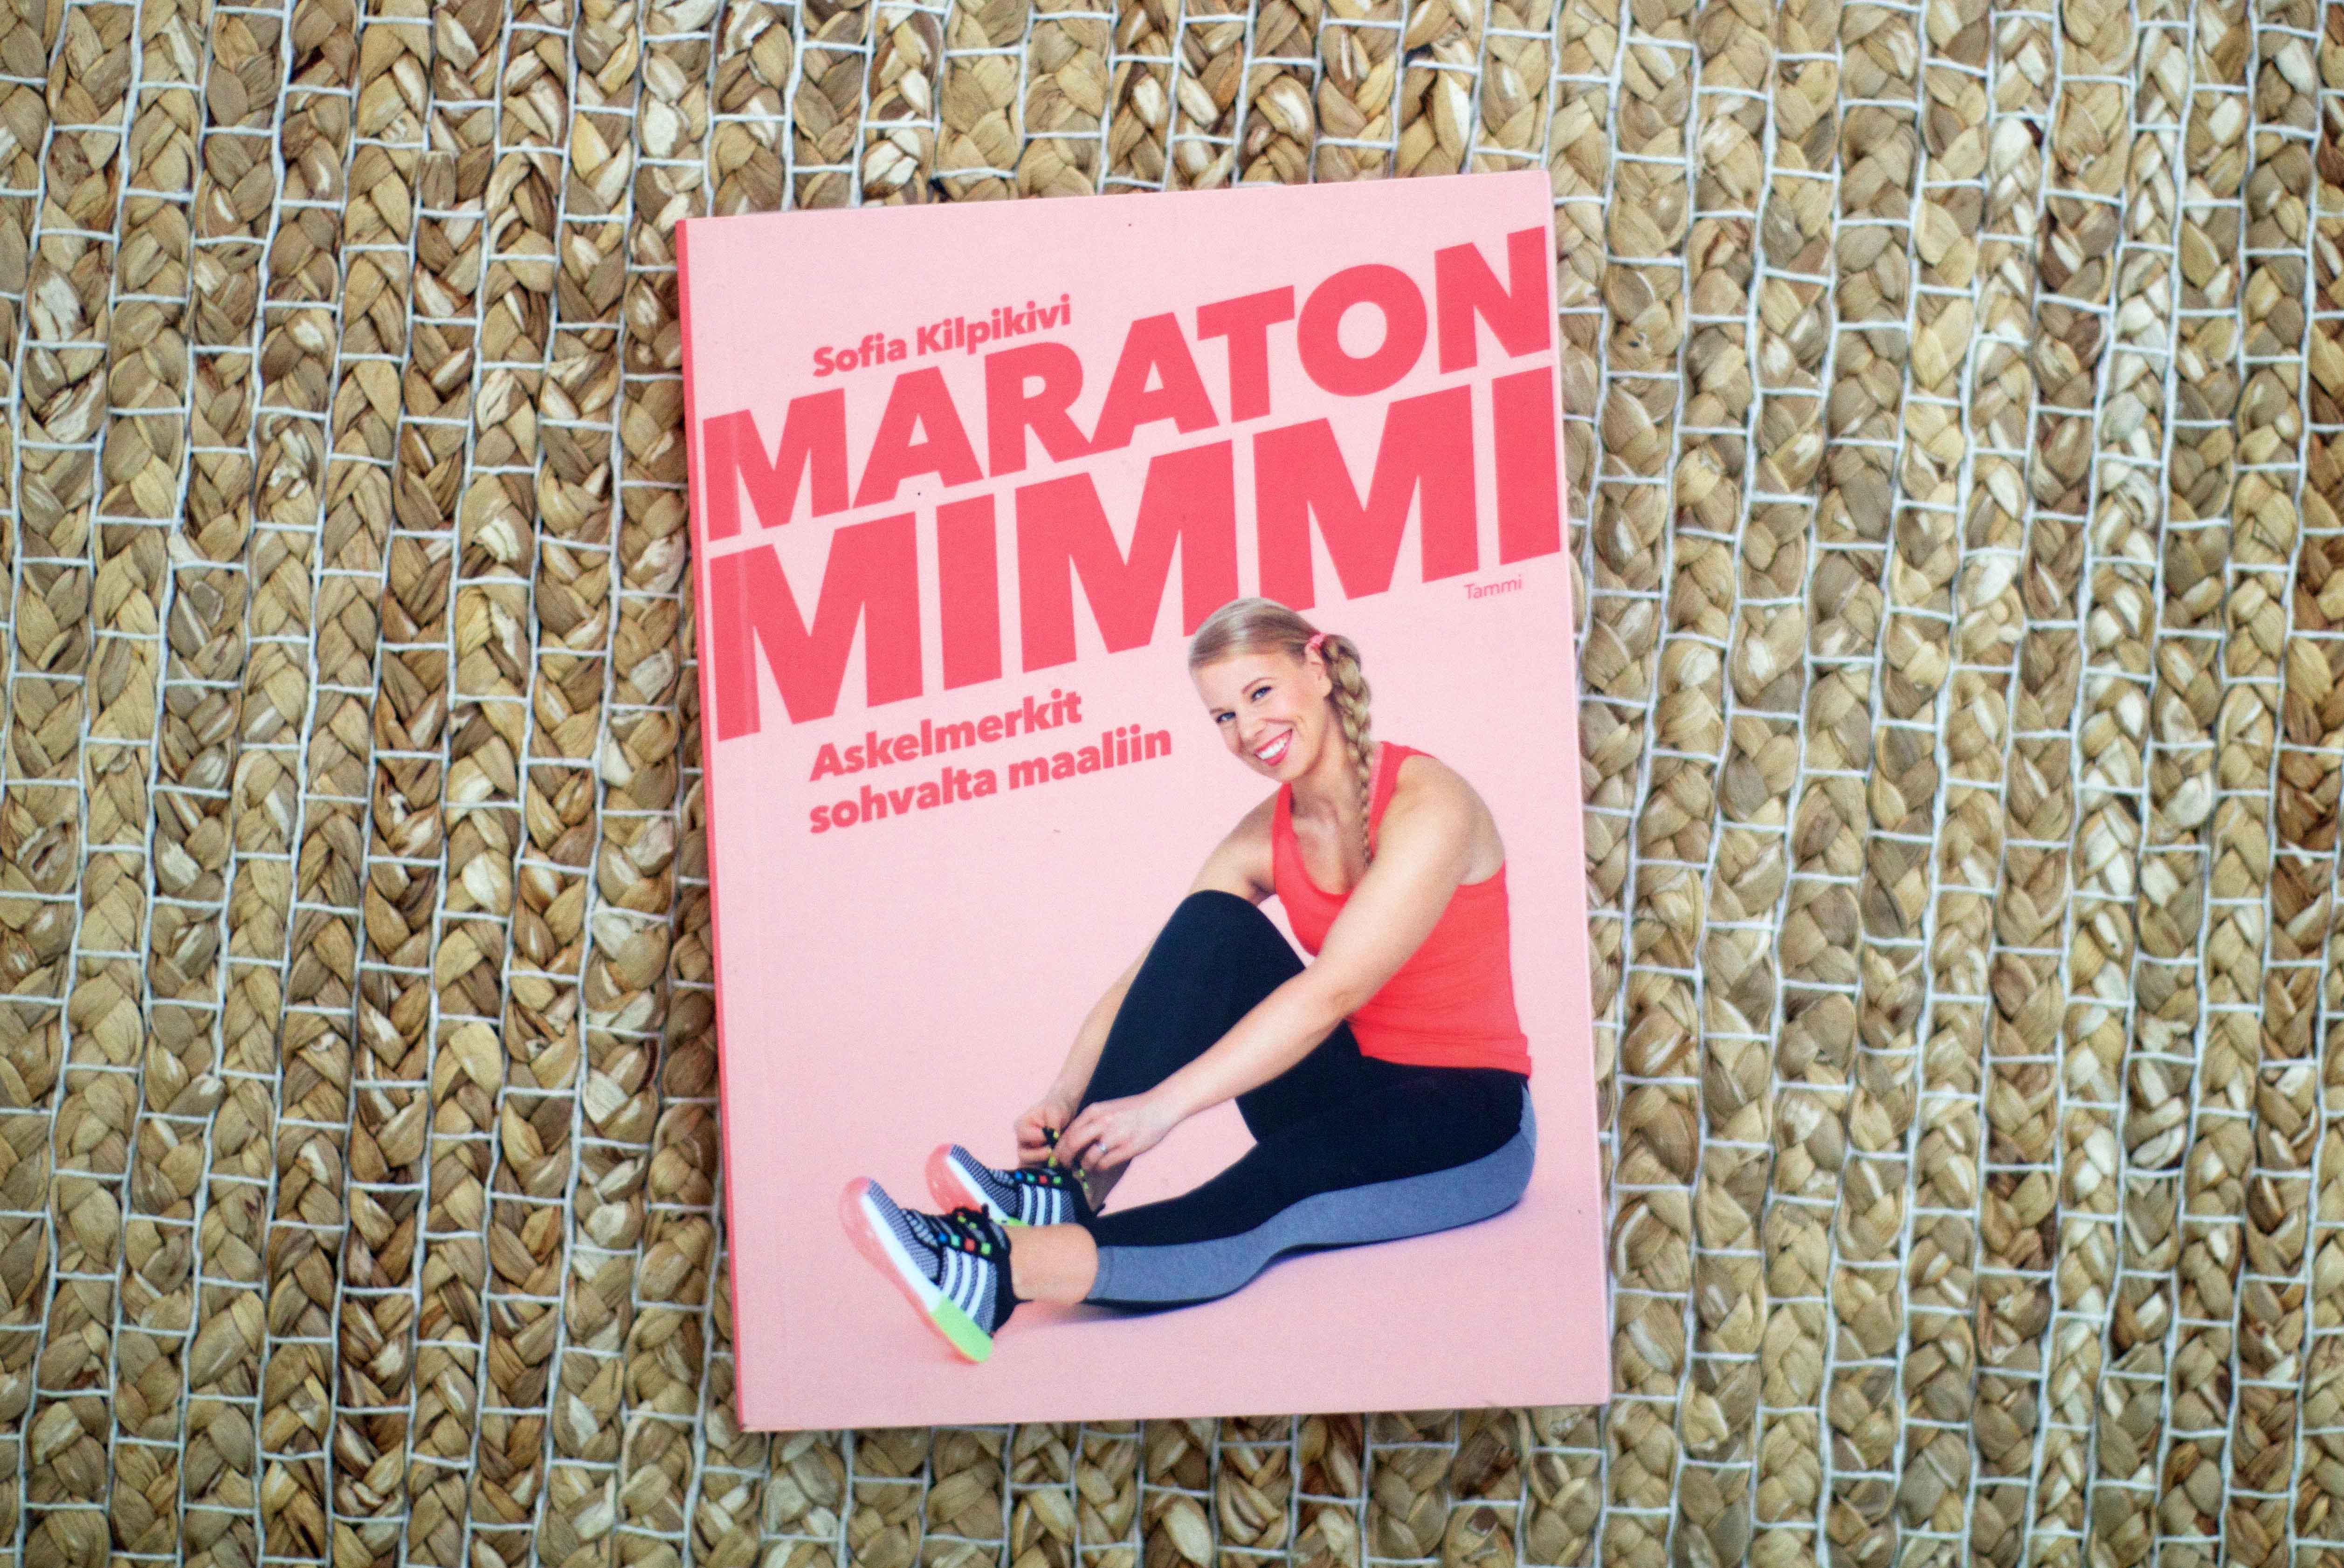 Sofia Kilpikivi: Maratonmimmi